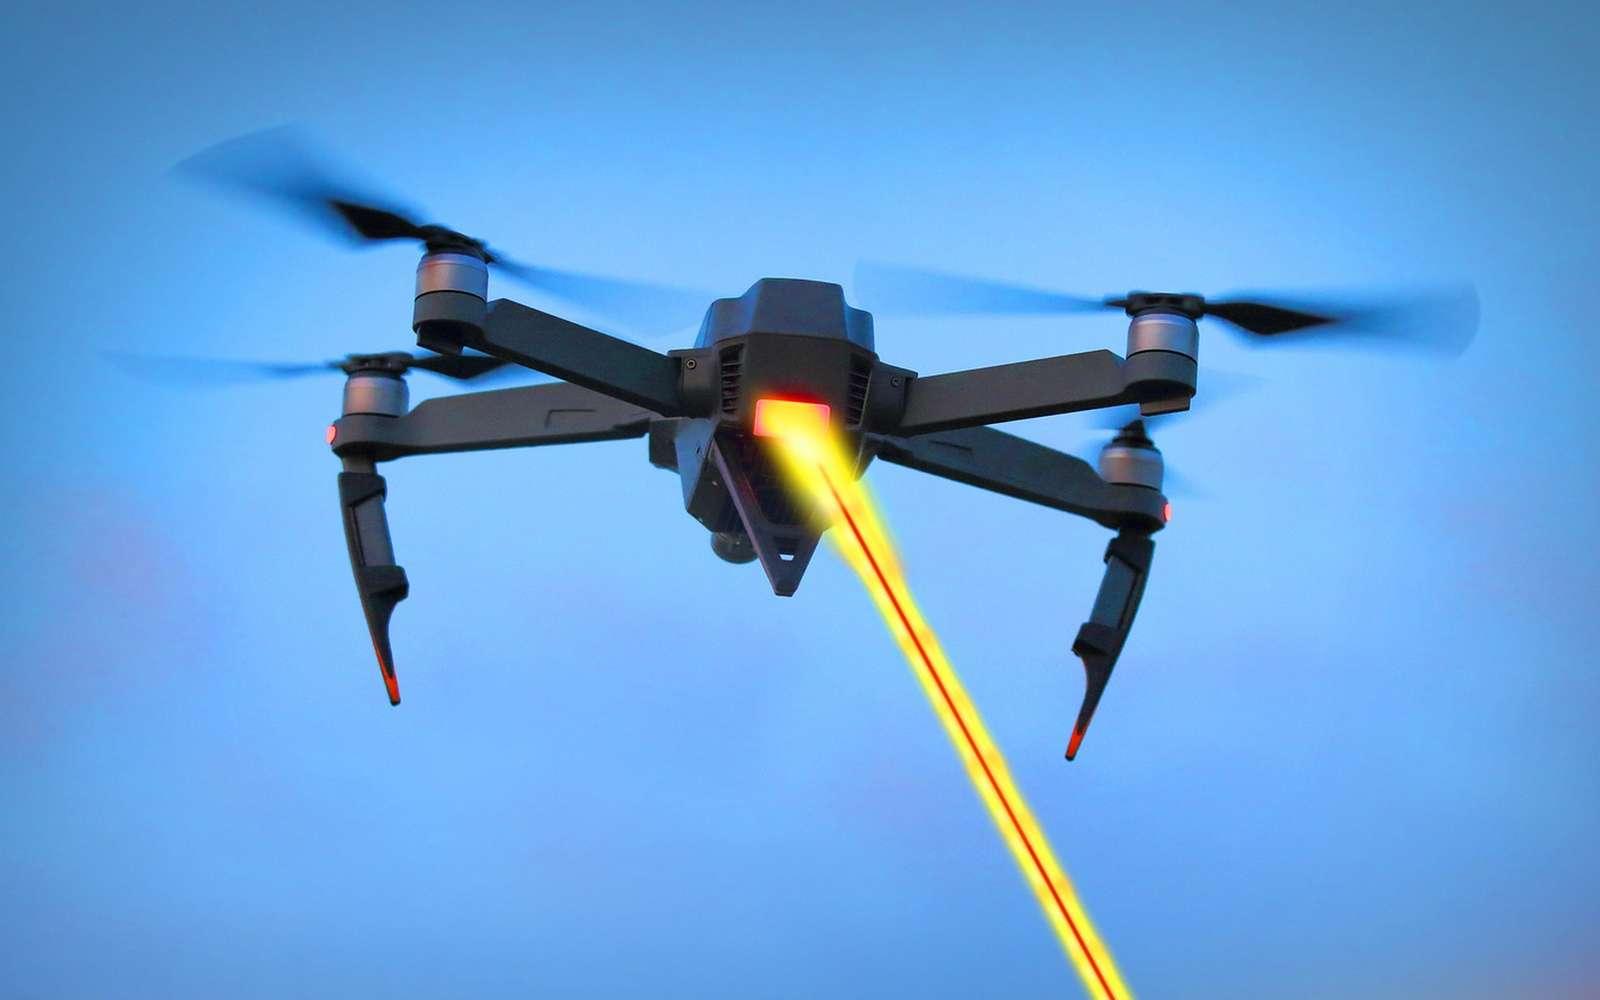 Pouvoir faire voler un drone indéfiniment s'apparente à un graal pour l'armée américaine. © Kletr, Fotolia